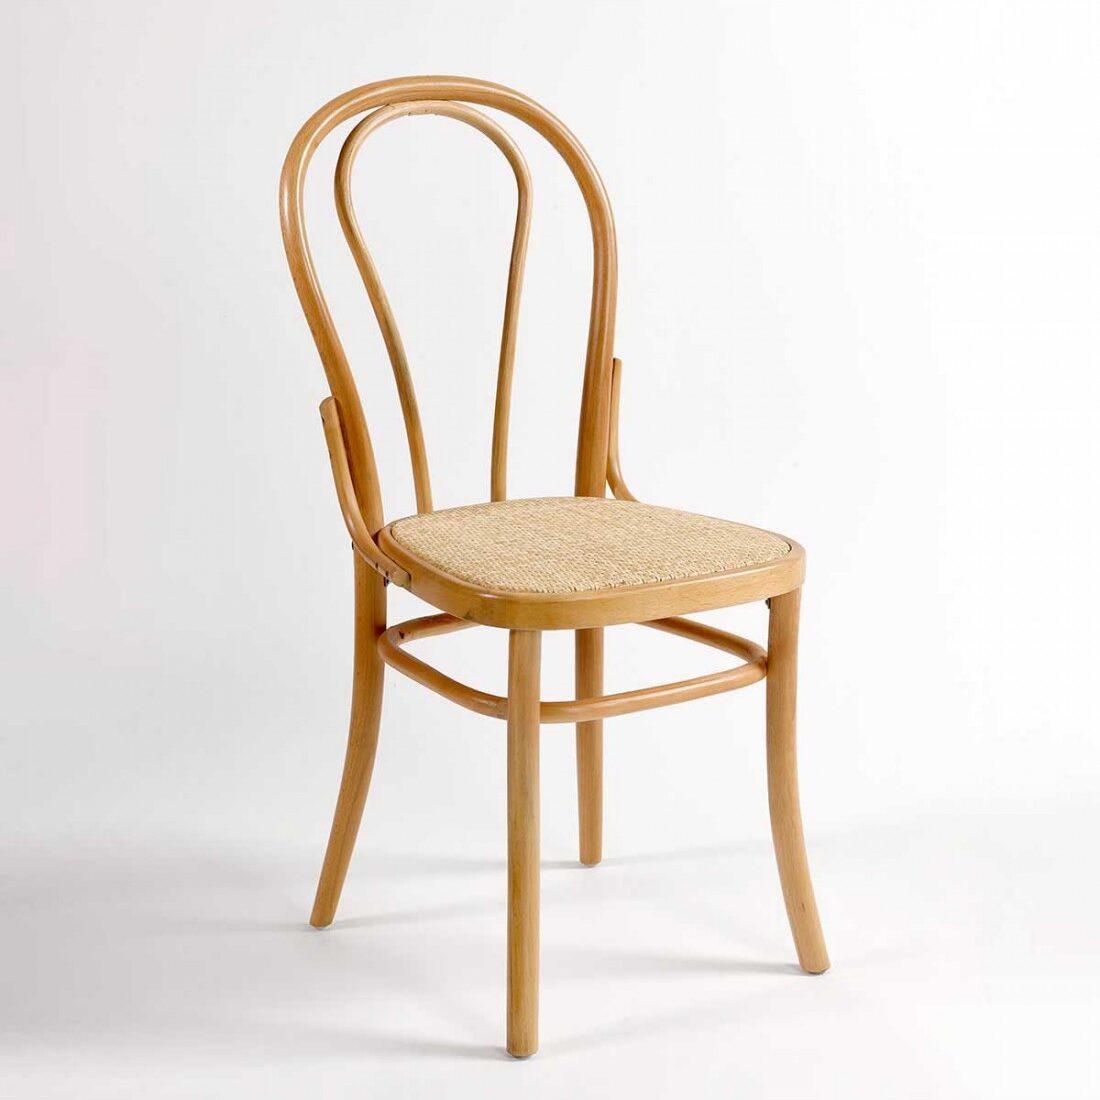 silla-de-madera-color-natural-y-ratan-natural